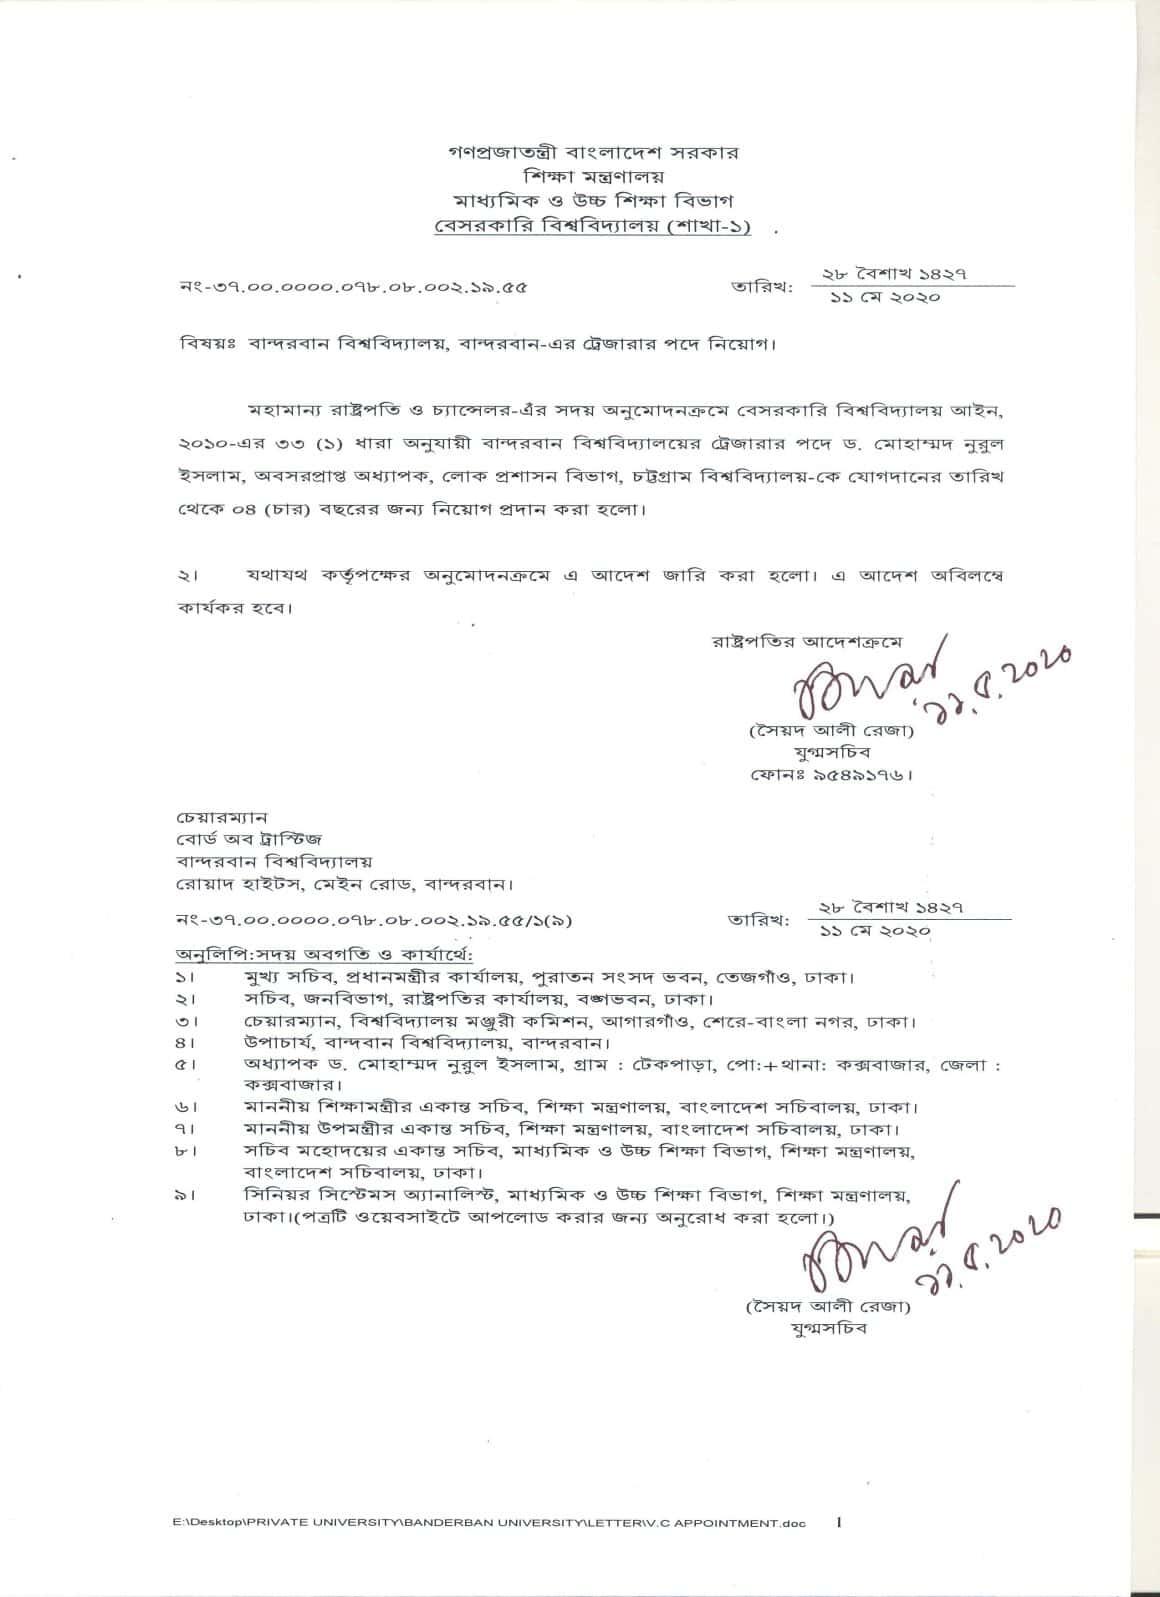 বান্দরবান বিশ্ববিদ্যালয়, বান্দরবান এর ট্রেজারার পদে নিয়োগ  ২০২০